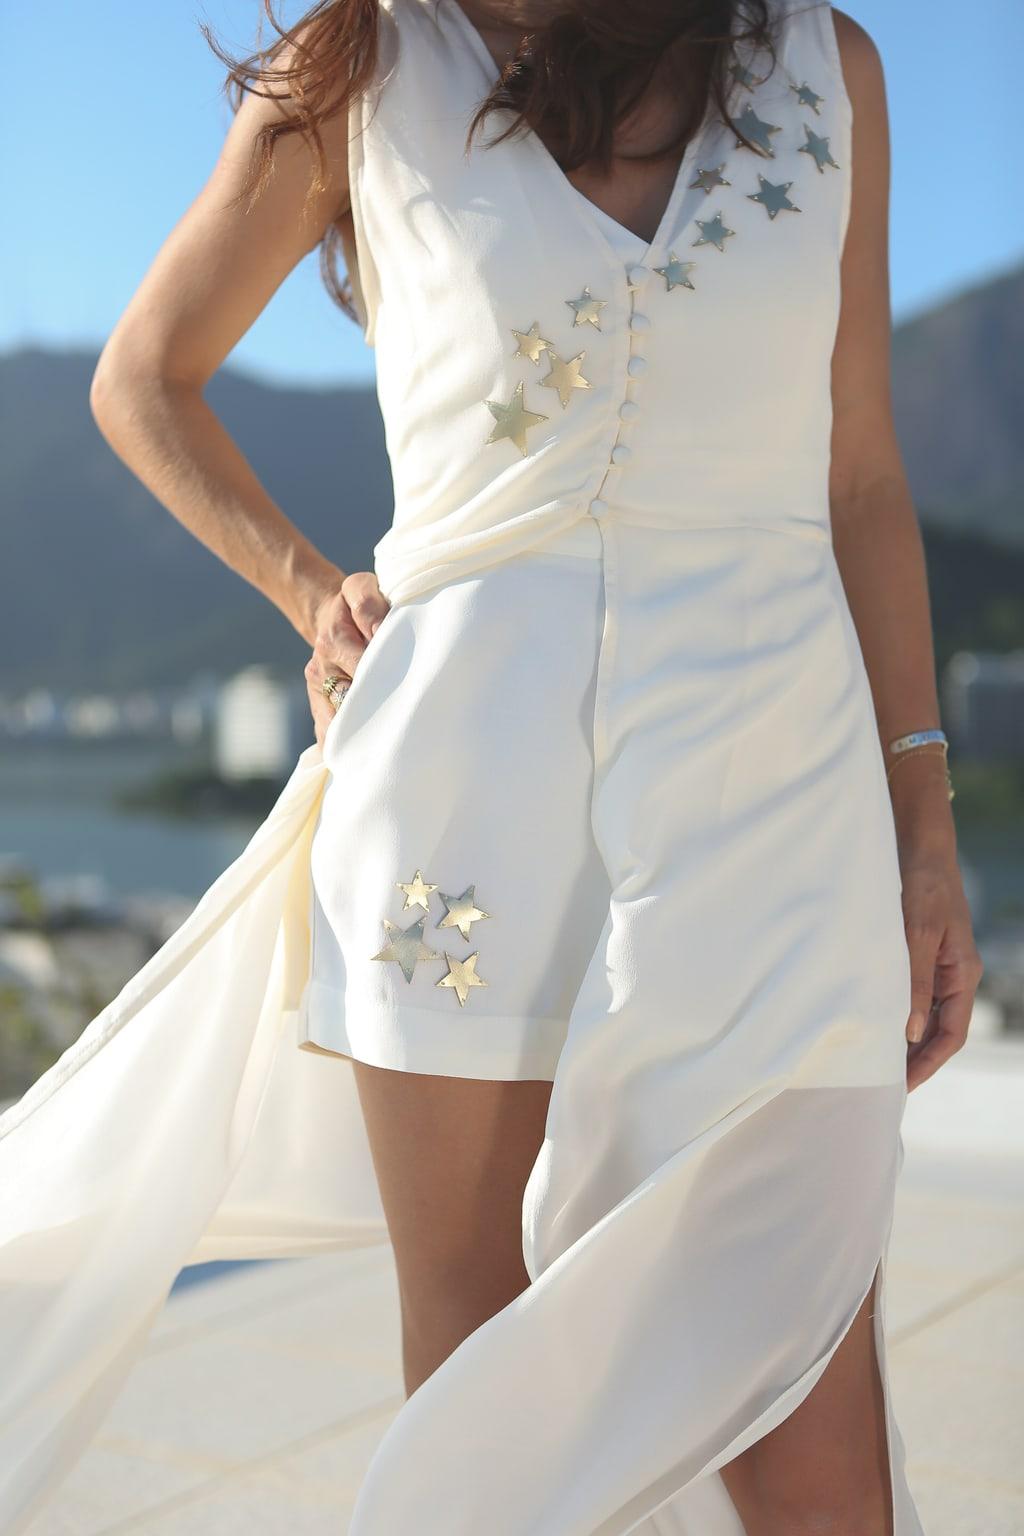 vestidos-ano-novo-reveillon-vestido-de-festa-julia-golldenzon-25